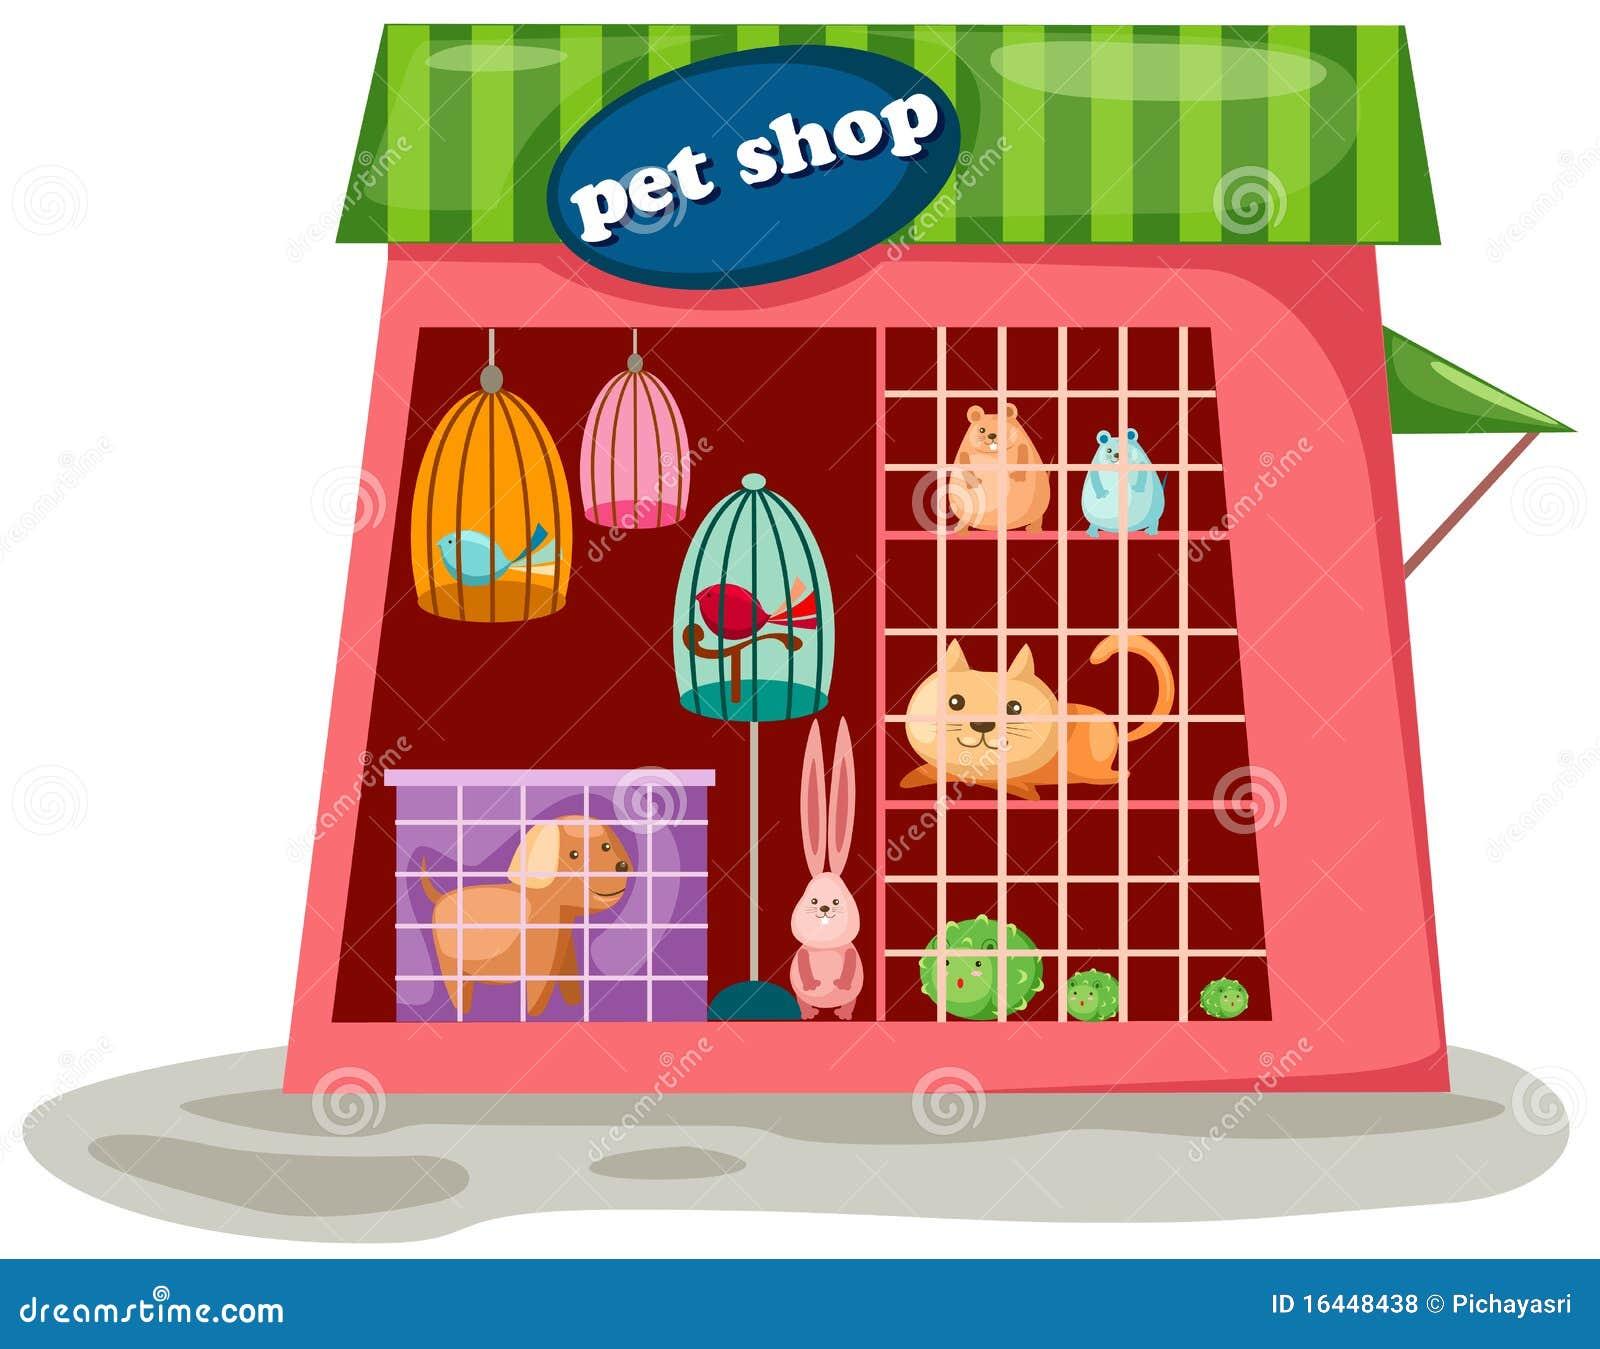 free retail clothing business plan